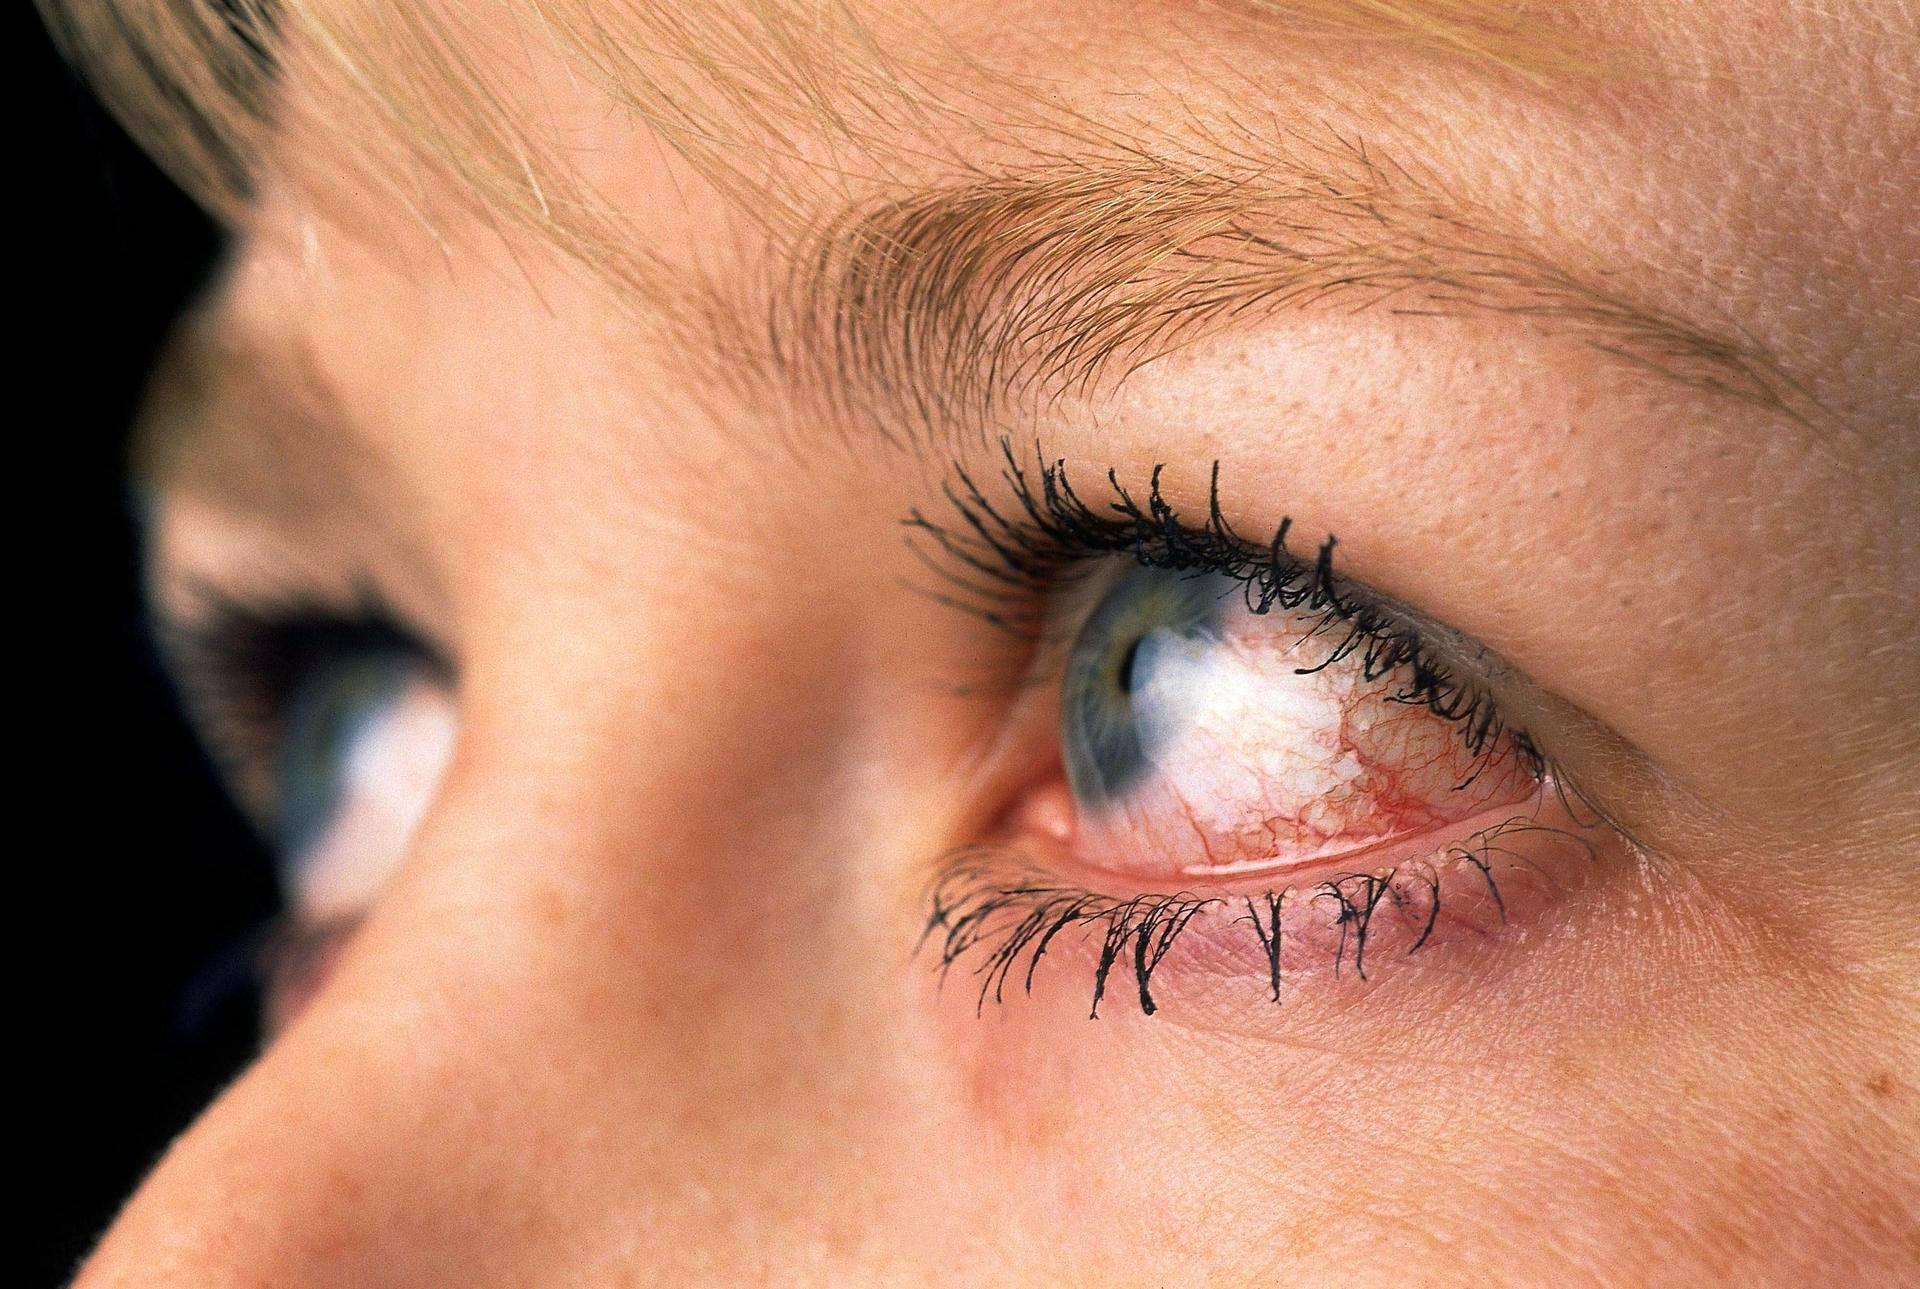 Viruksen Aiheuttama Silmätulehdus